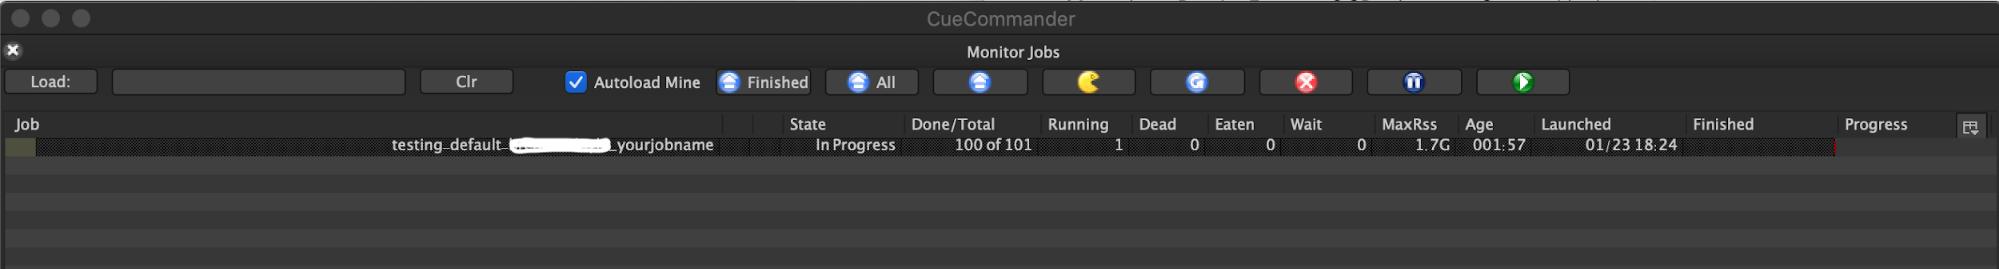 Monitor Jobs window in OpenCue